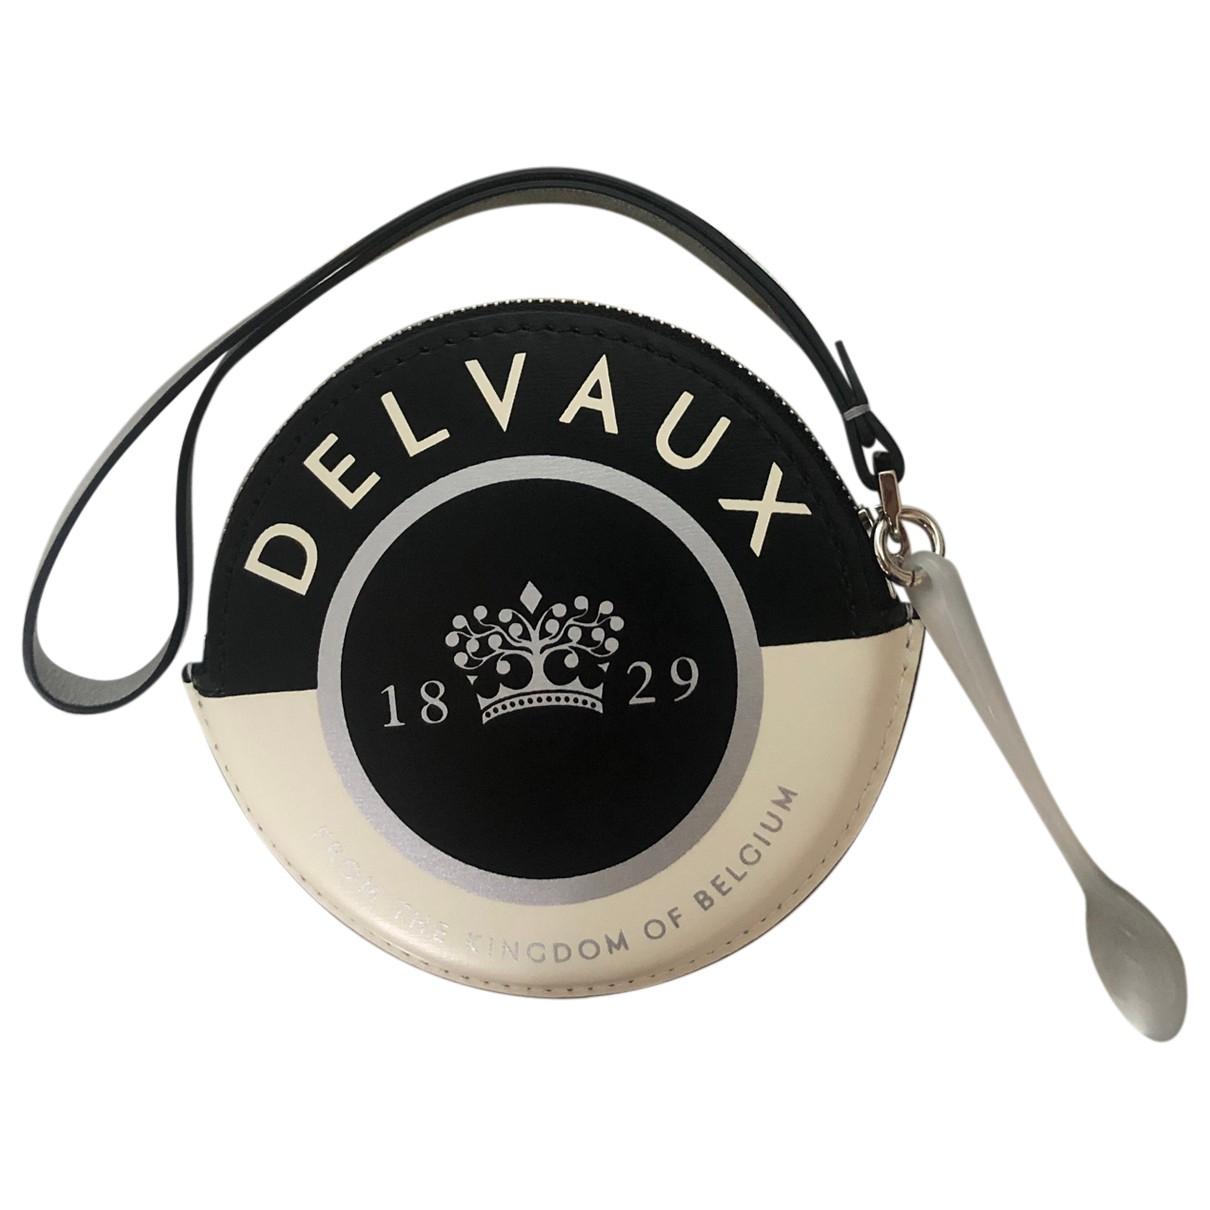 Monedero de Raya Delvaux